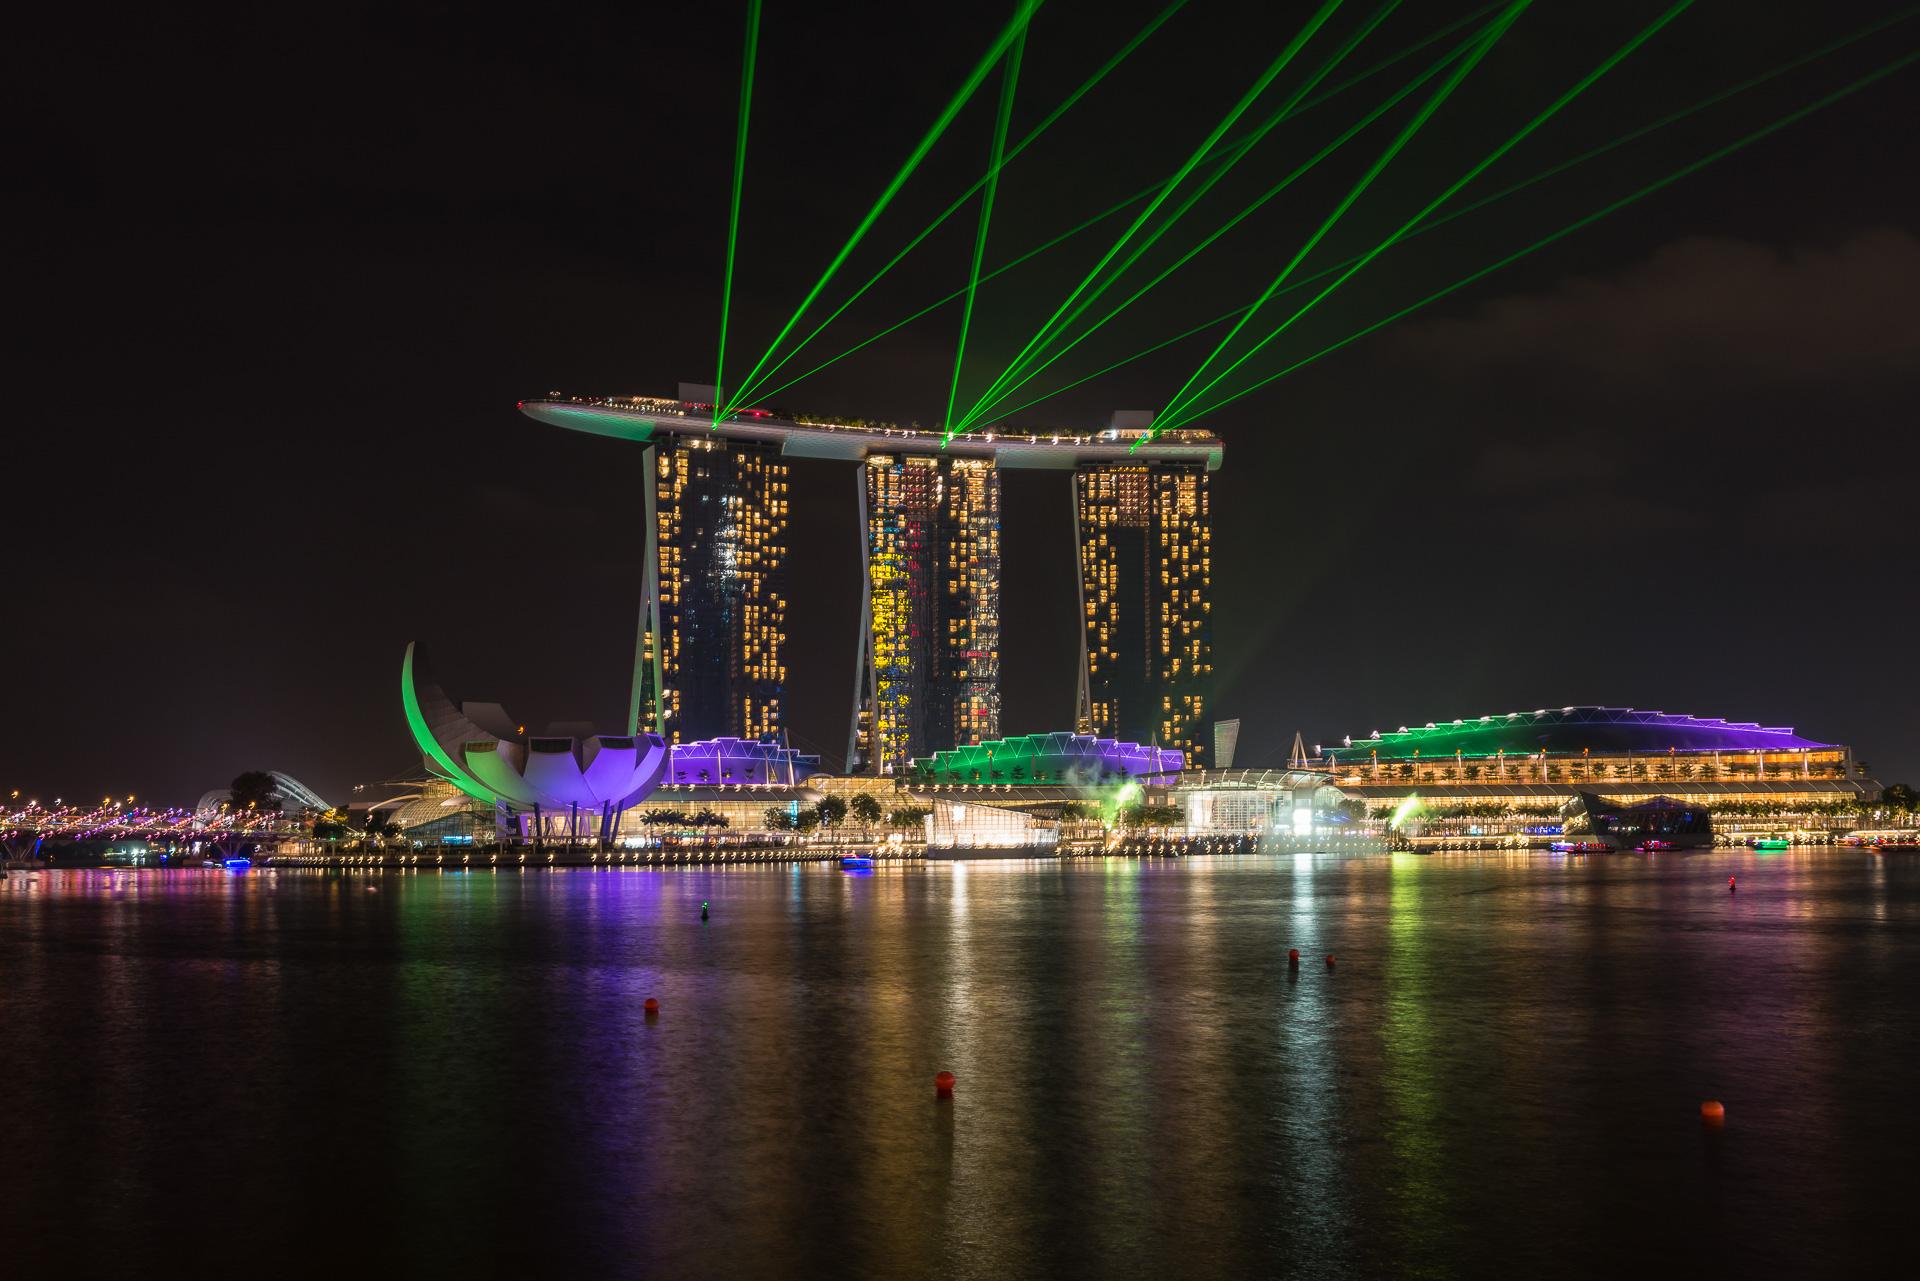 Singapur das Marina Bay Sands Hotel mit dem Art Science Museum bei Nacht mit der berühmten Lasershow